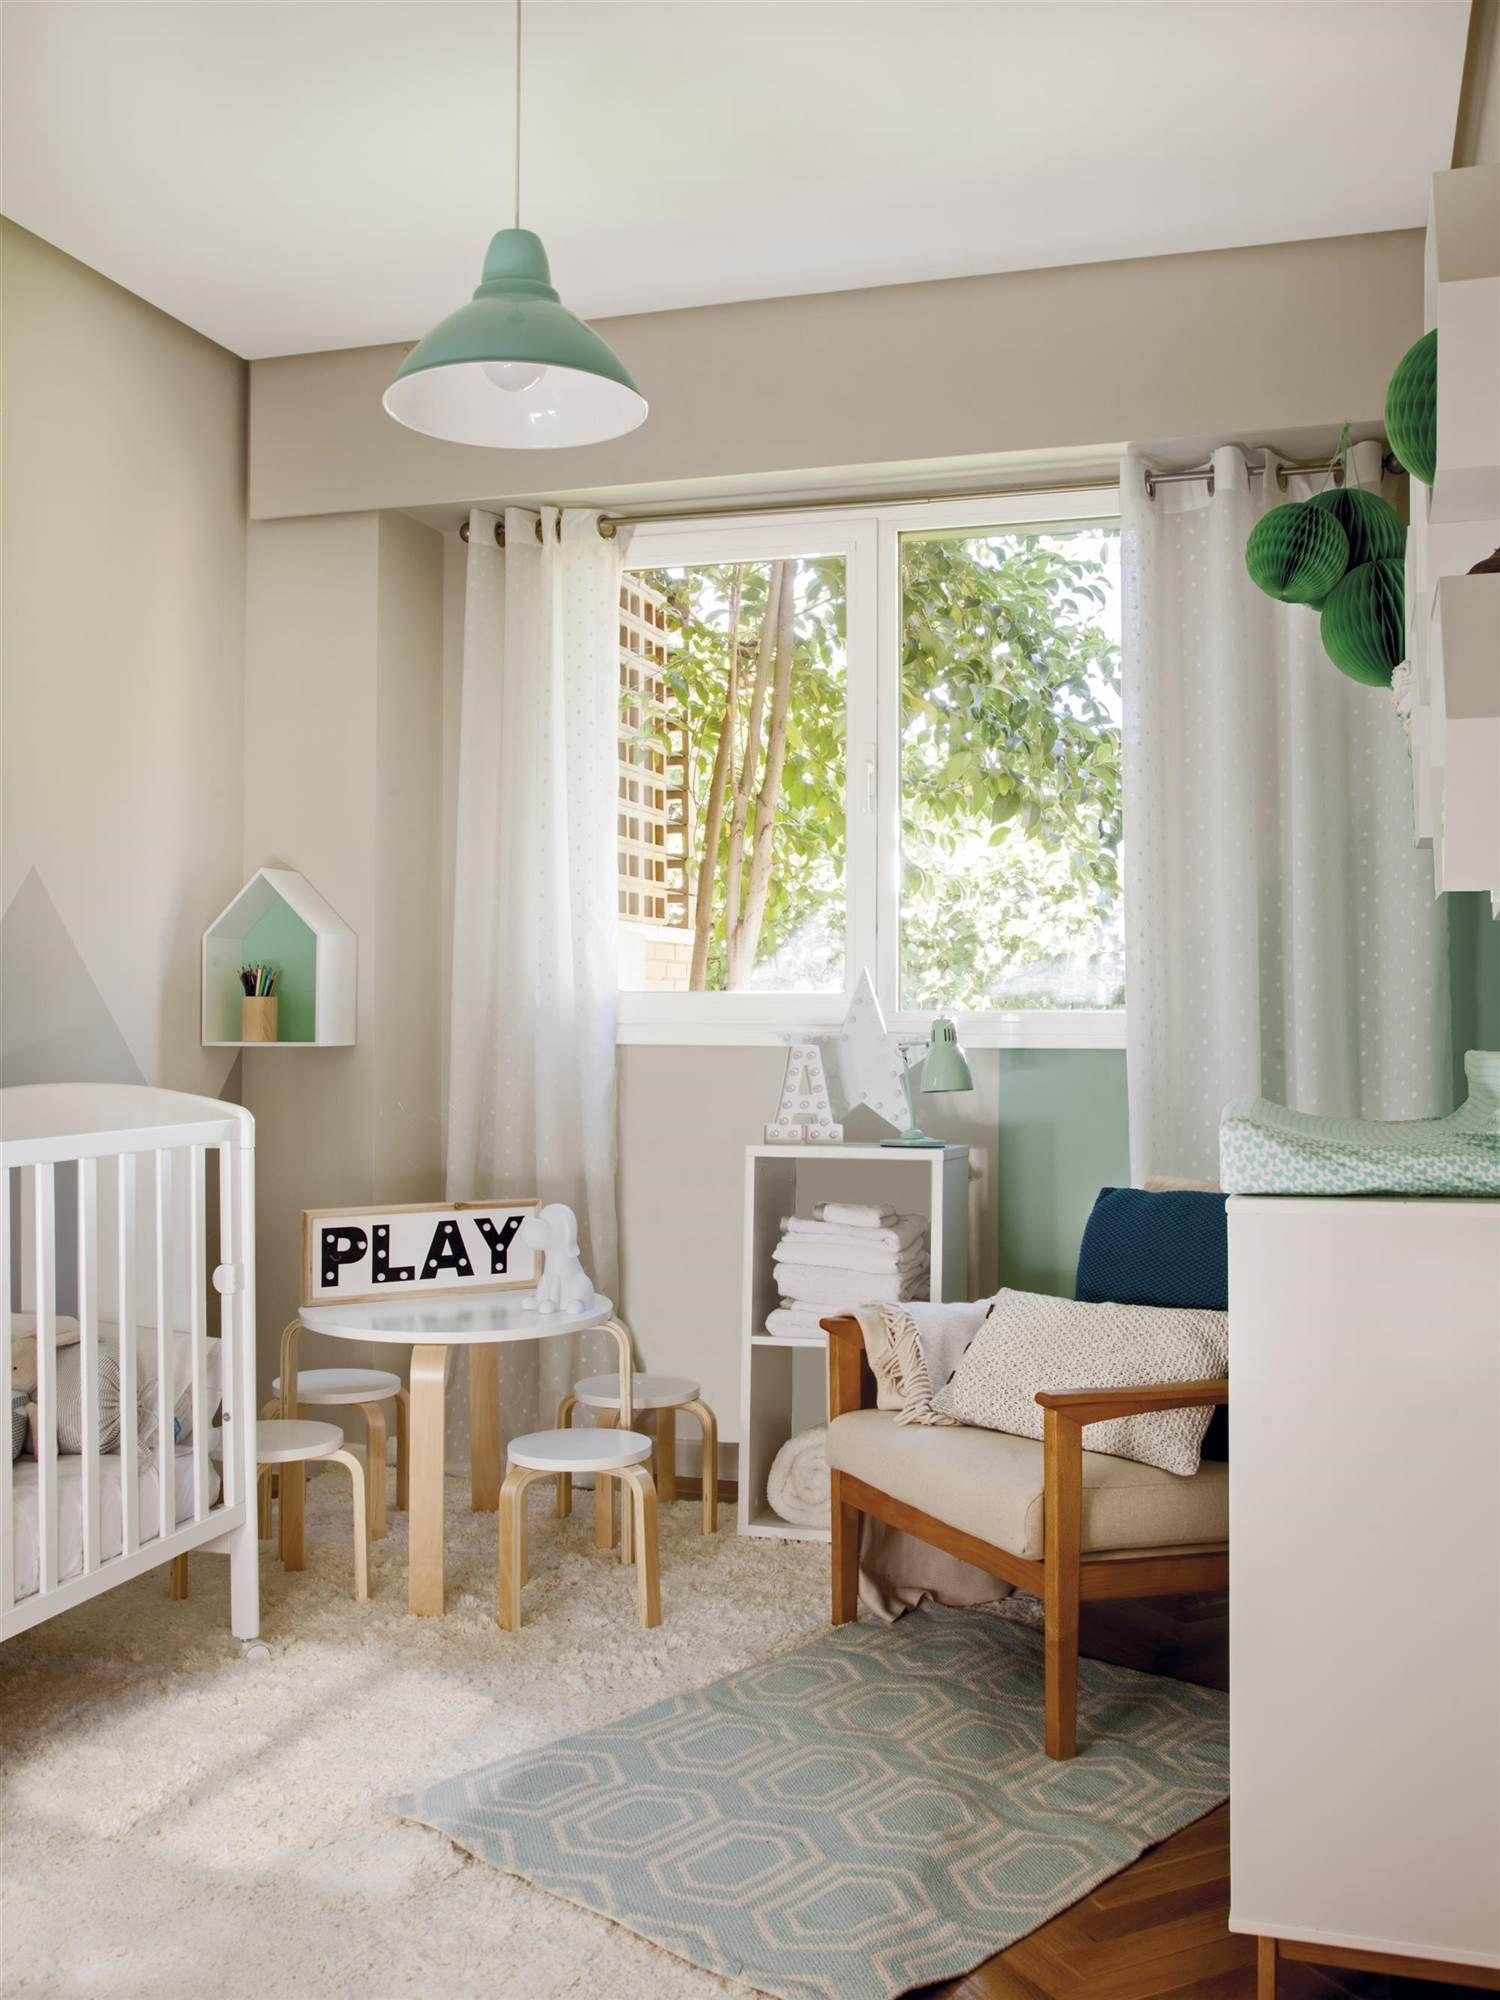 Mg 9438 3 Dormitorio Infantil En Verde Y Blanco Con Una Cuna Y  # Muebles Renovar Jamundi